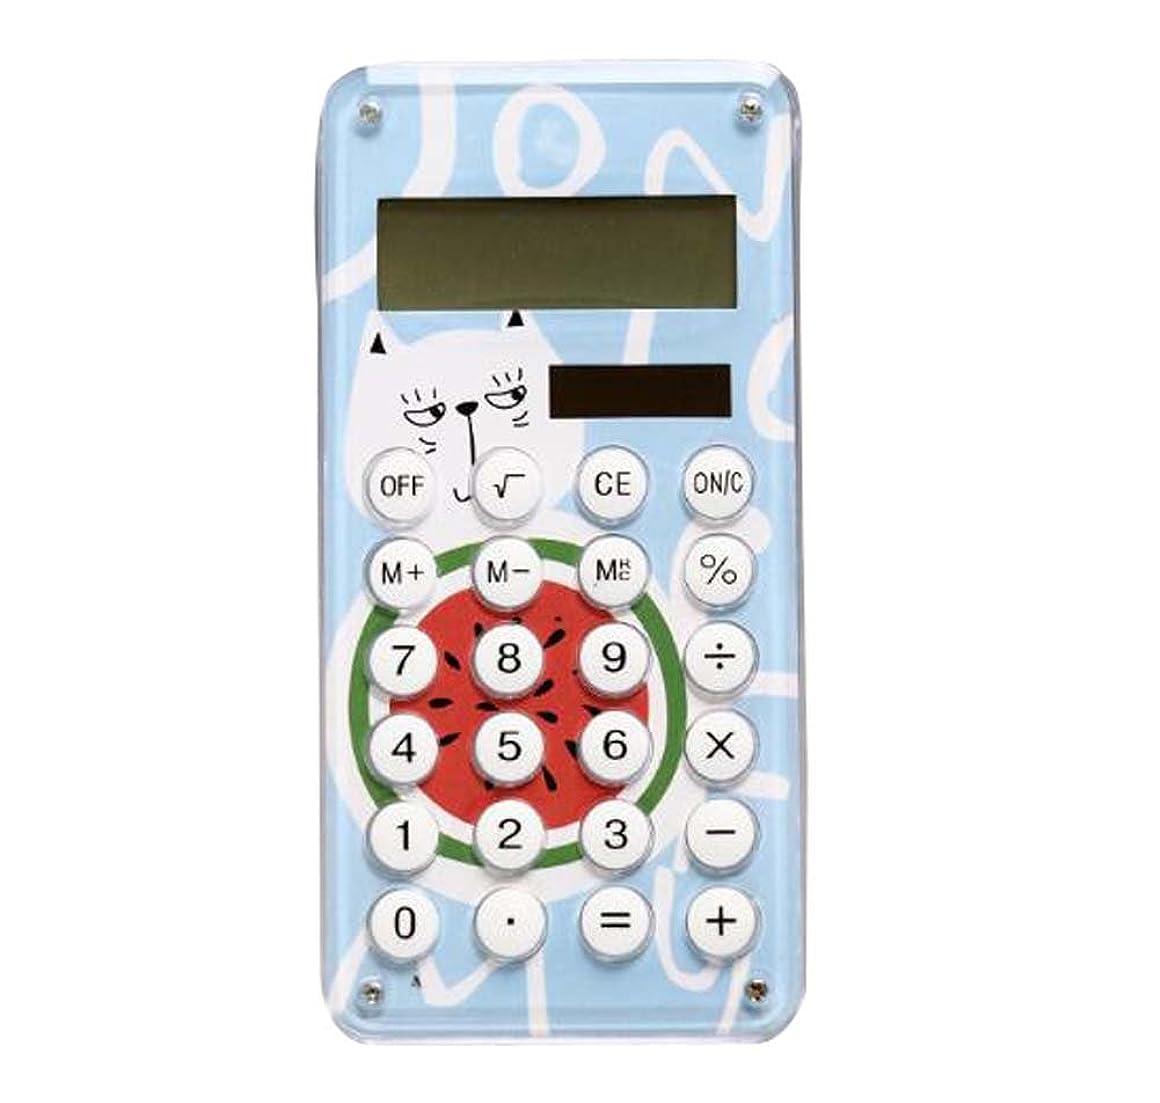 区別液化する強大なスリムな電卓デスクトップ環境にやさしいソーラー電卓8桁のディスプレイ - A2